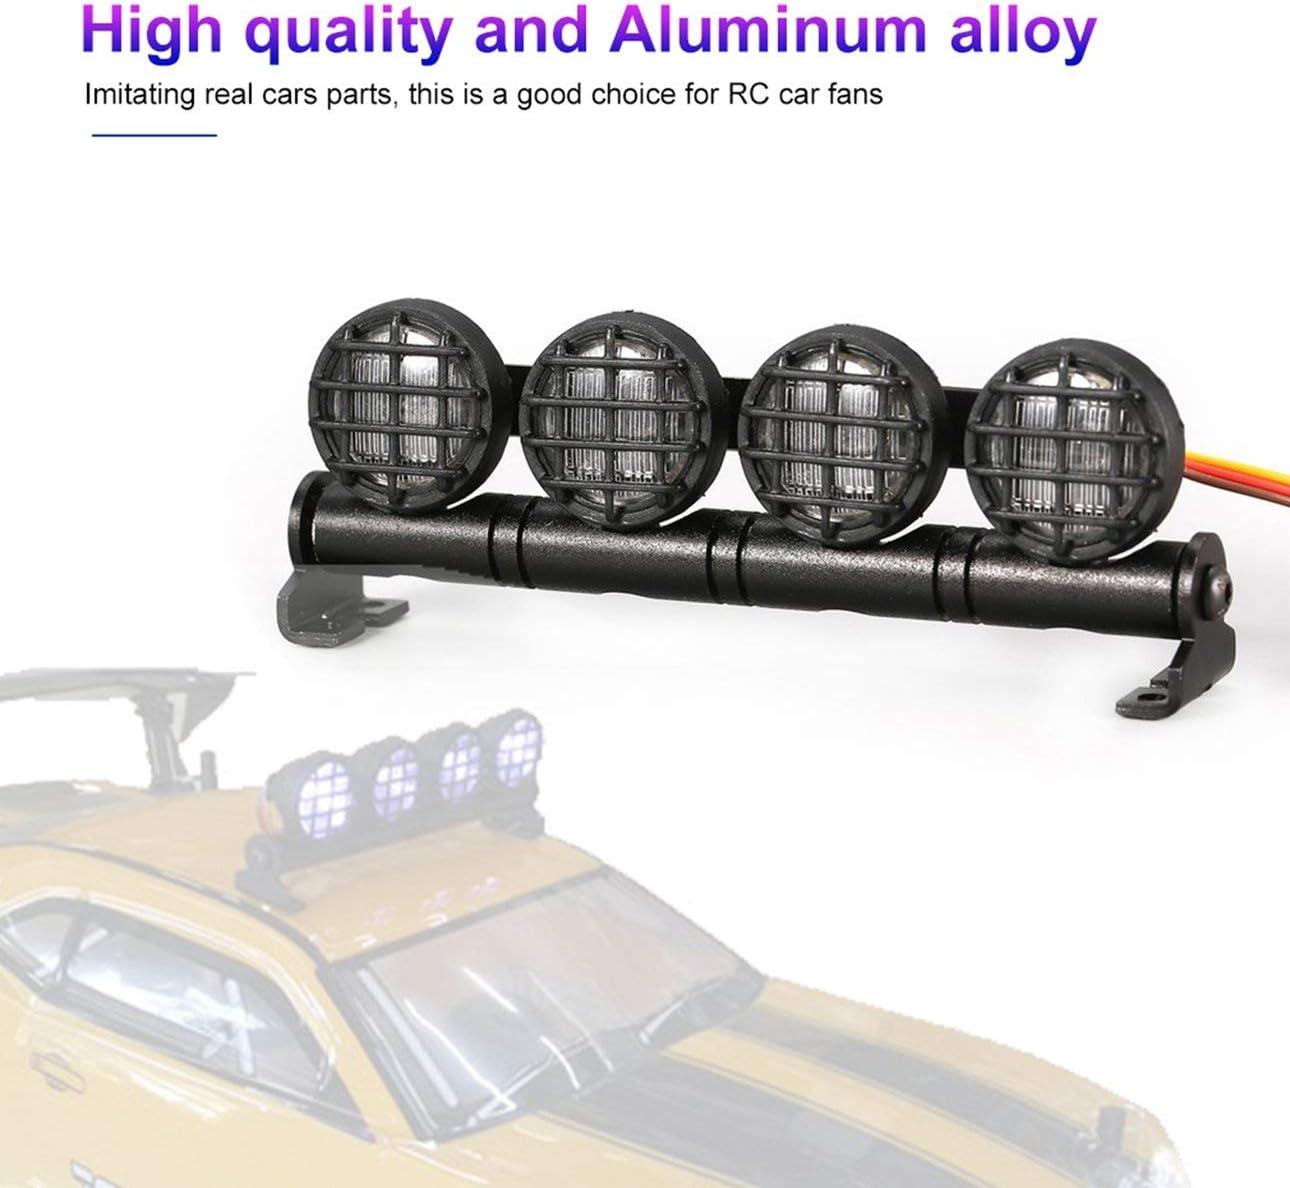 Pudincoco AX-506W Barre lumineuse multi-fonctions pour lampes de toit /à LED avec 4 projecteurs pour 1//10 1//8 voiture RC HSP TAMIYA CC01 Axial SCX10